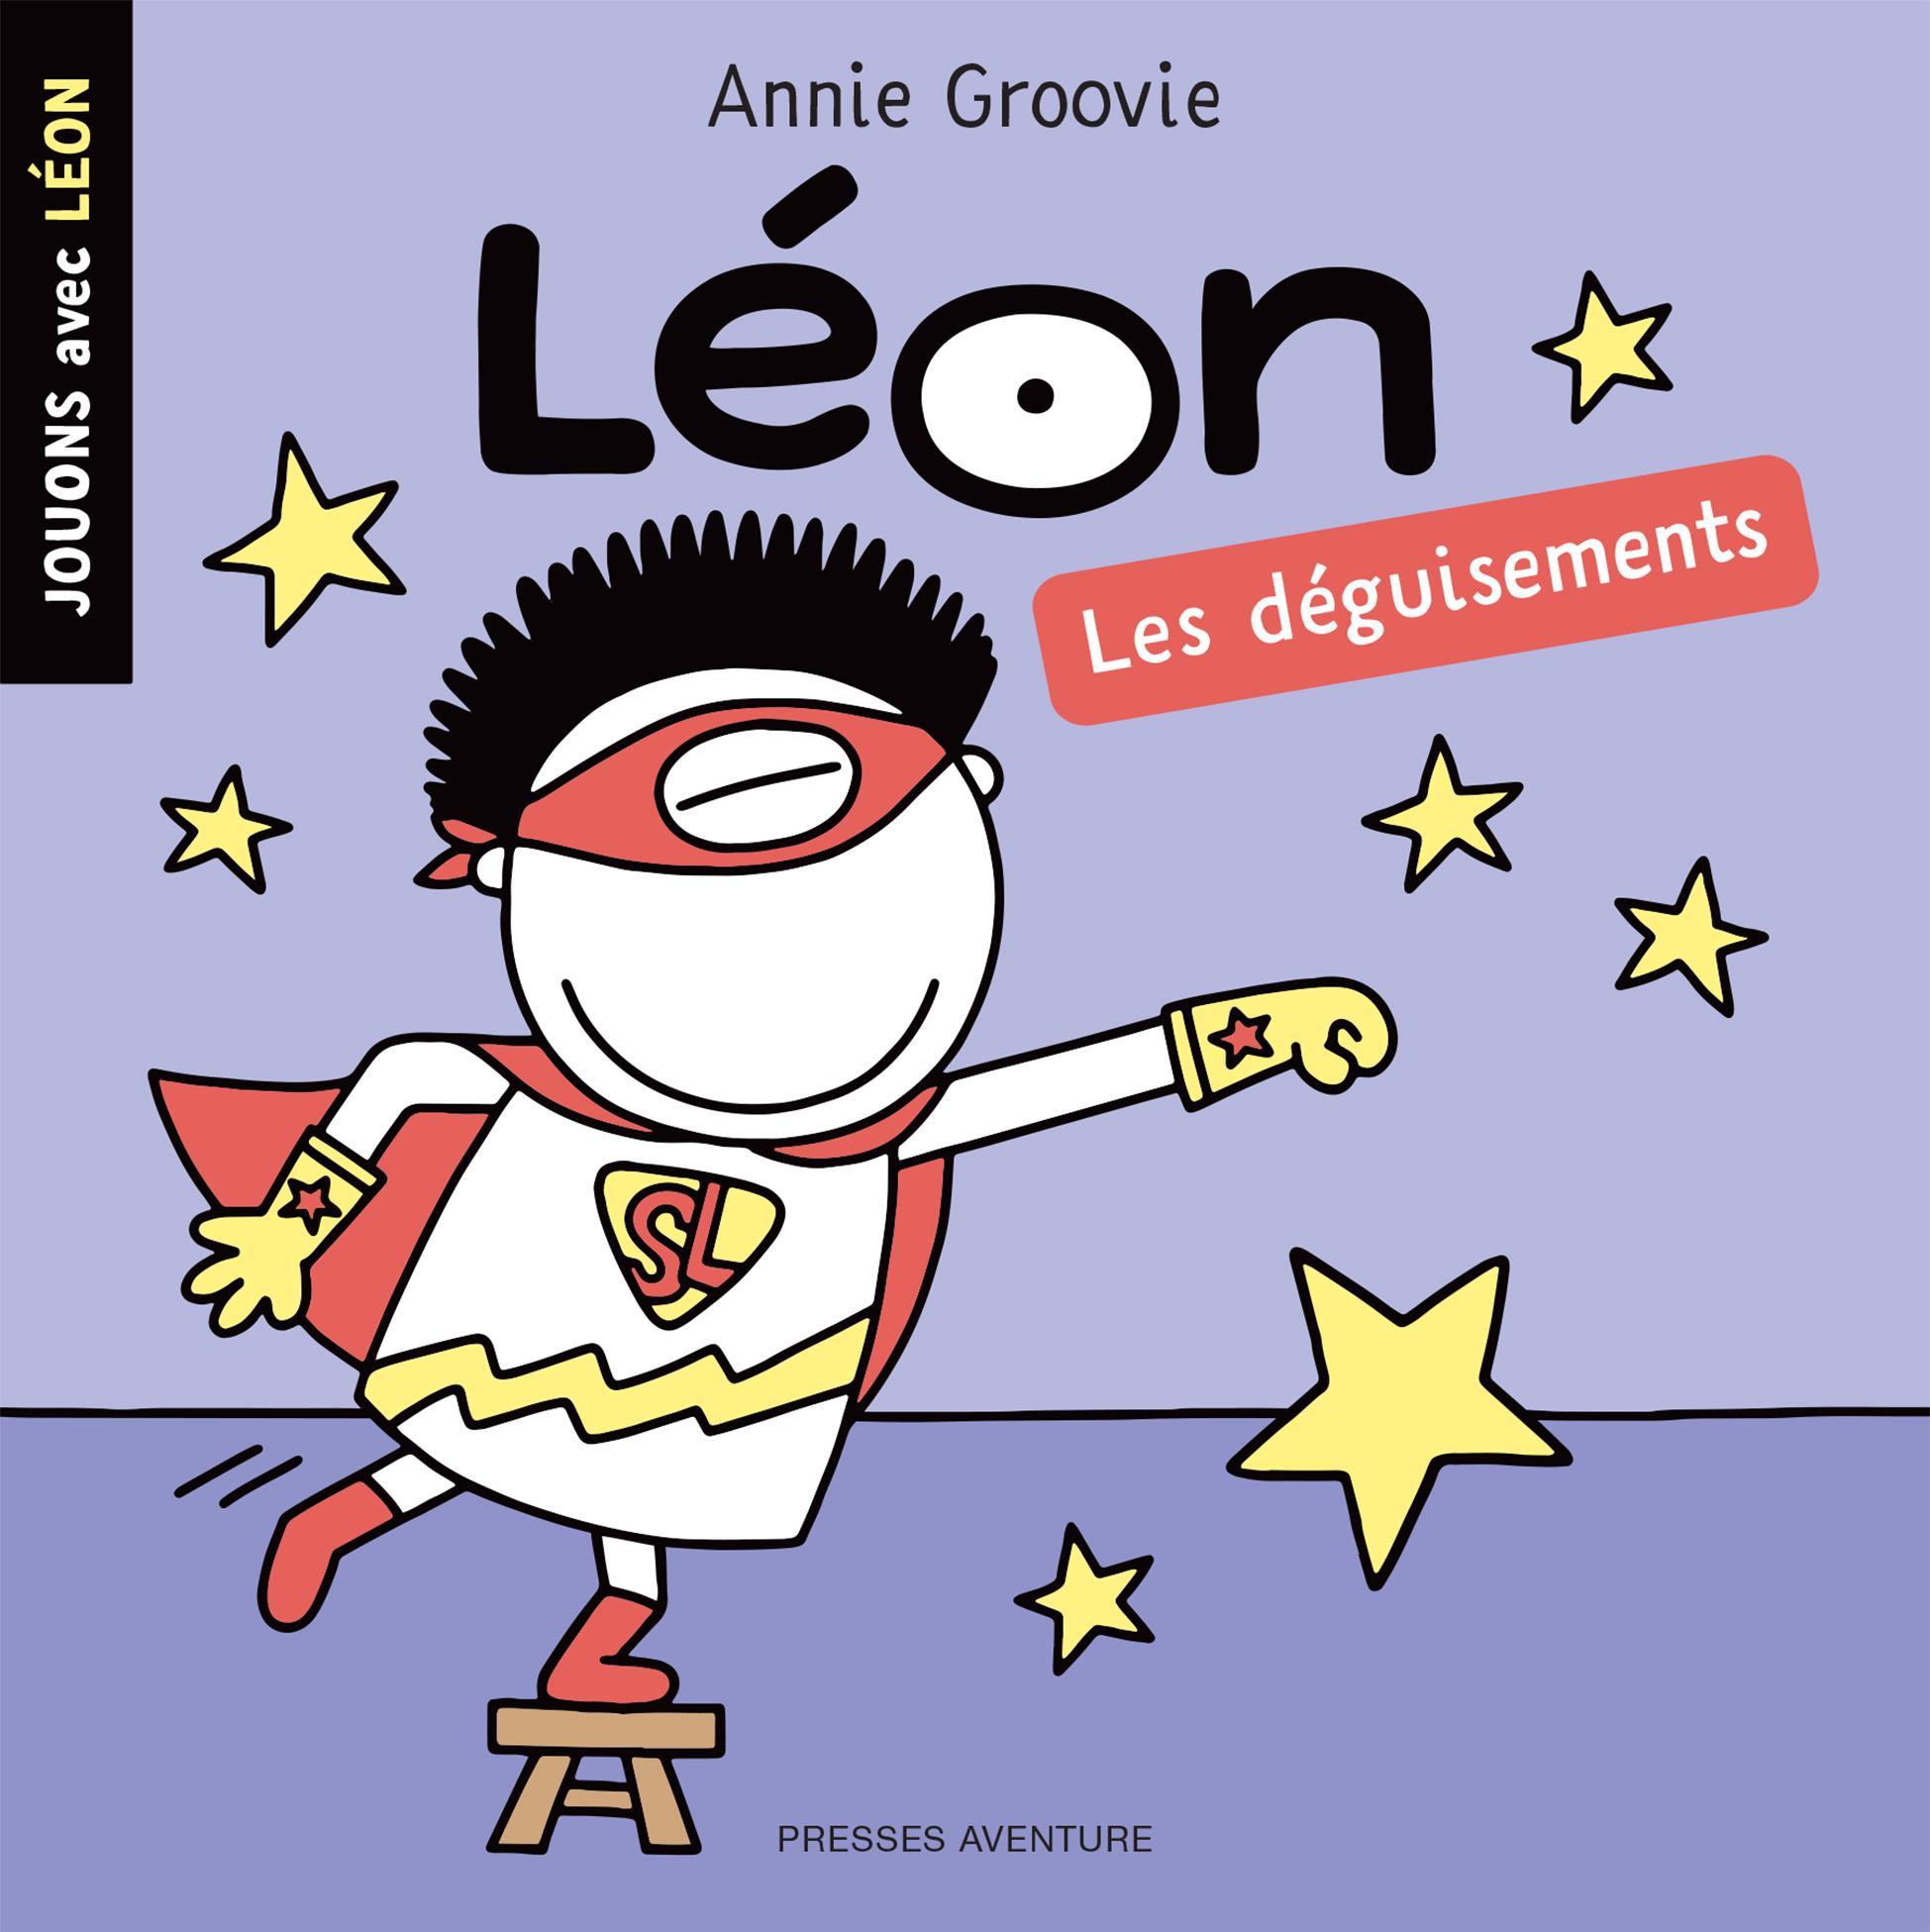 524_LeonDeguisements_C1